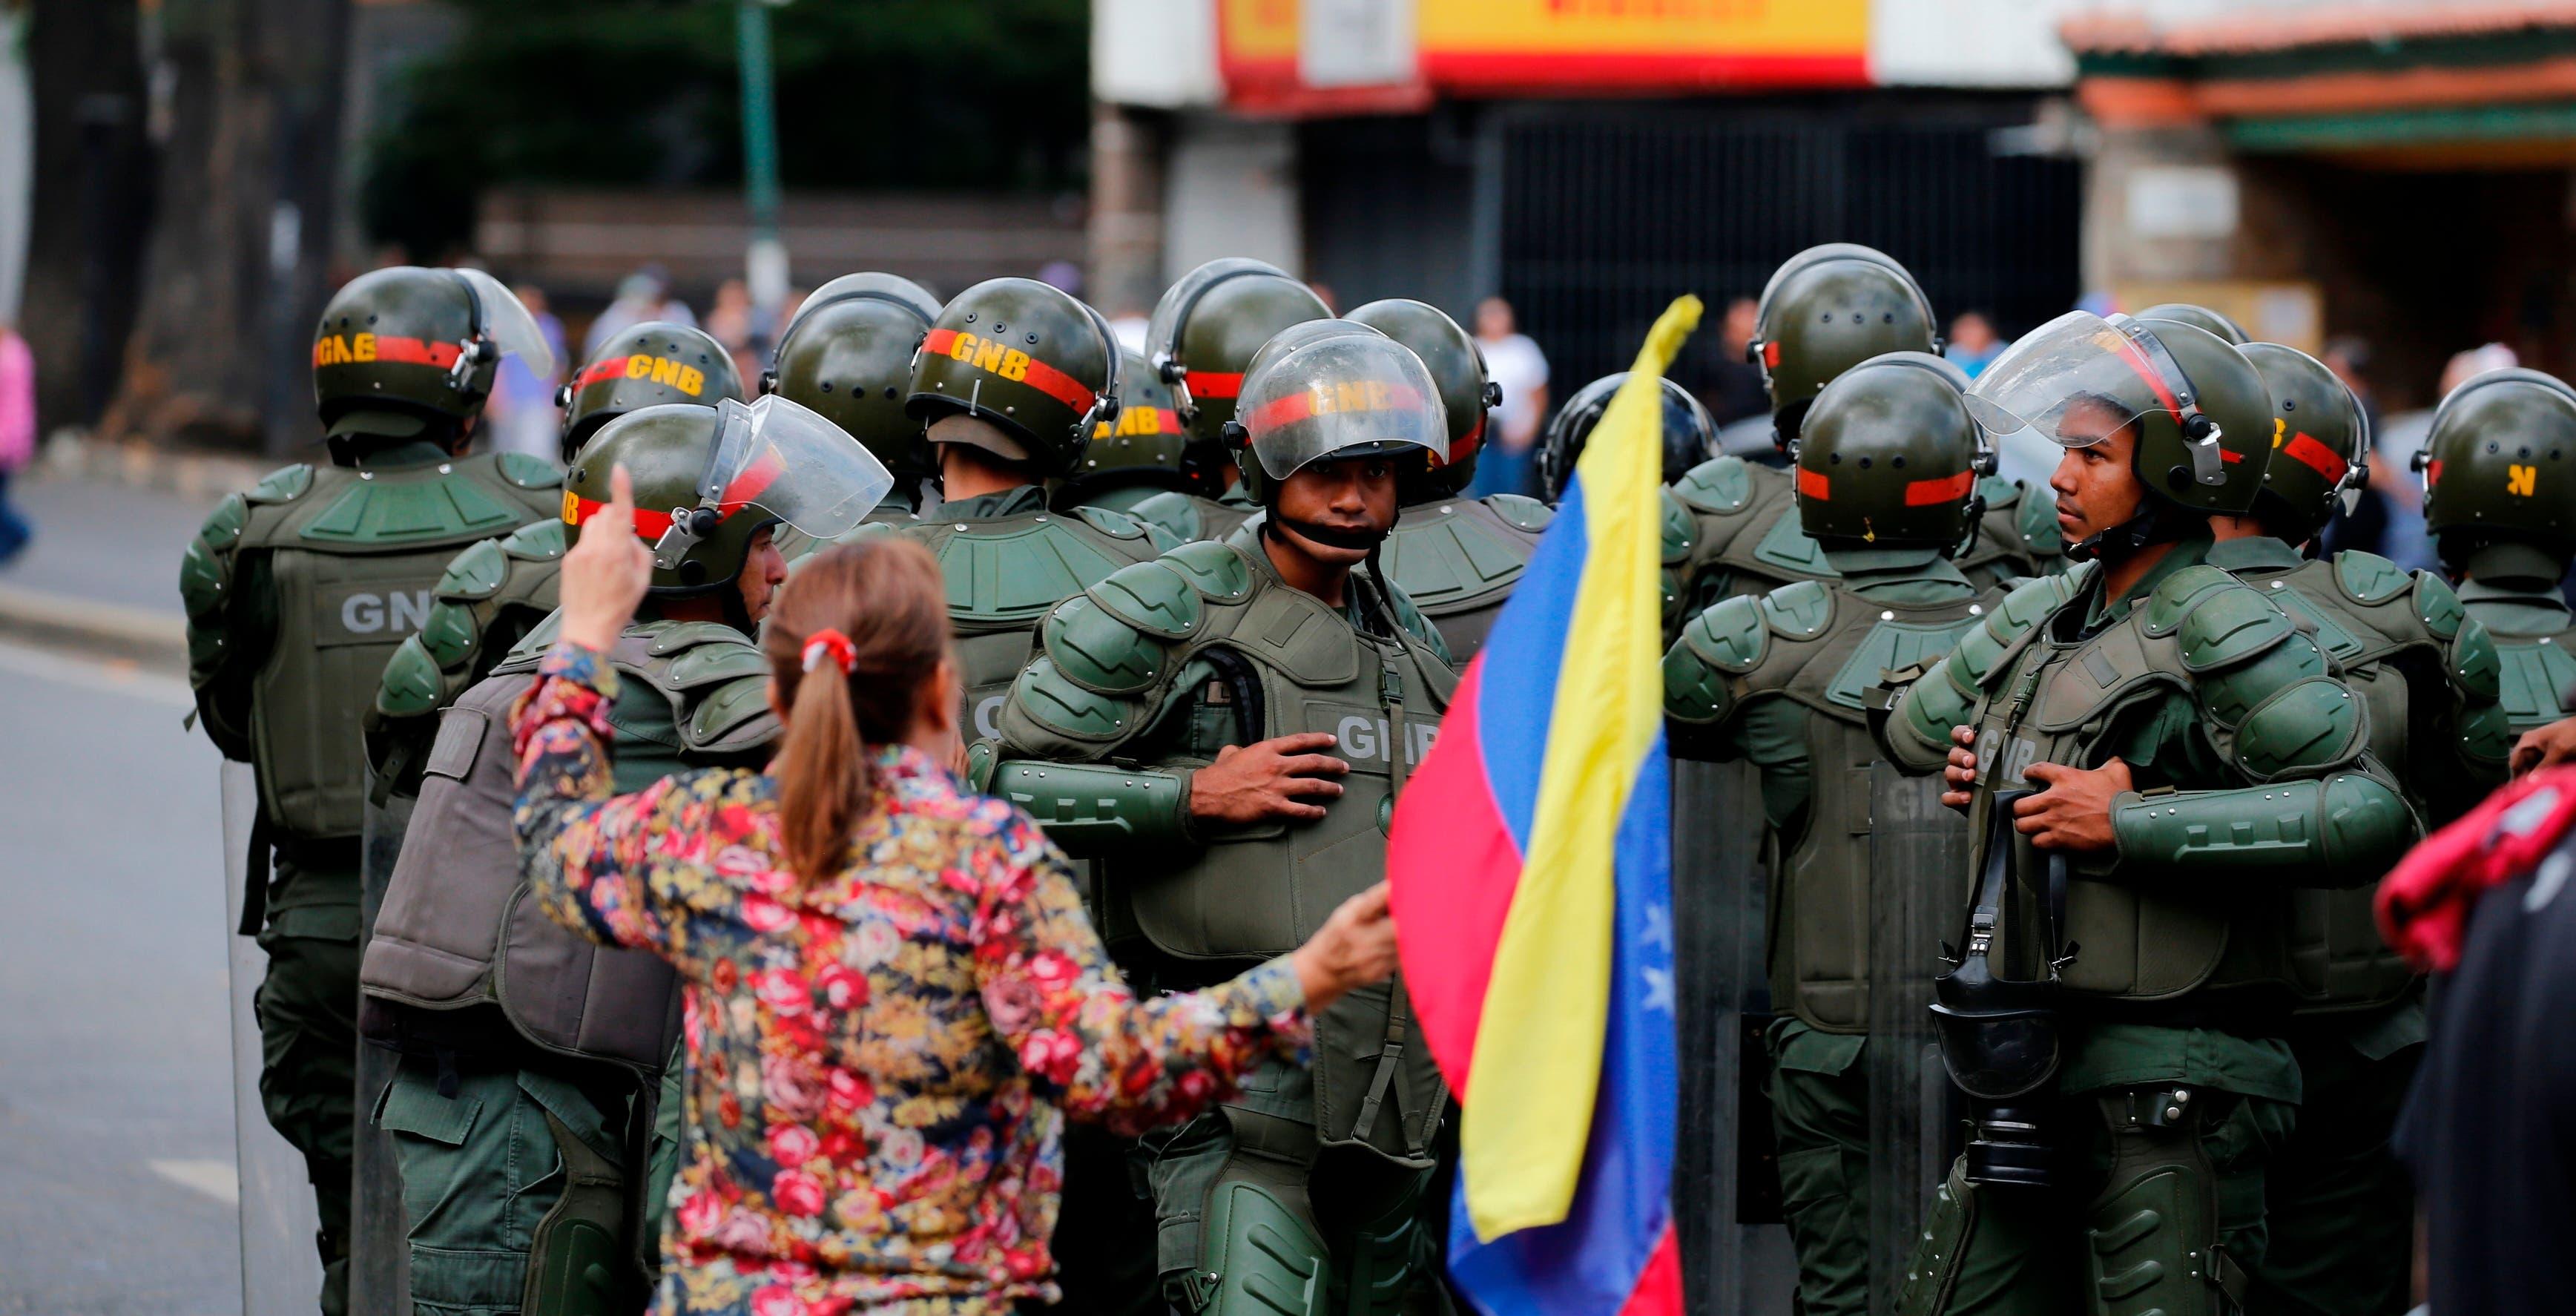 5. Una mujer con una bandera nacional venezolana obstruye a los miembros de la Guardia Nacional Bolivariana bloqueando el paso de miembros de la oposición durante una marcha de protesta contra el presidente Nicolás Maduro en Caracas.